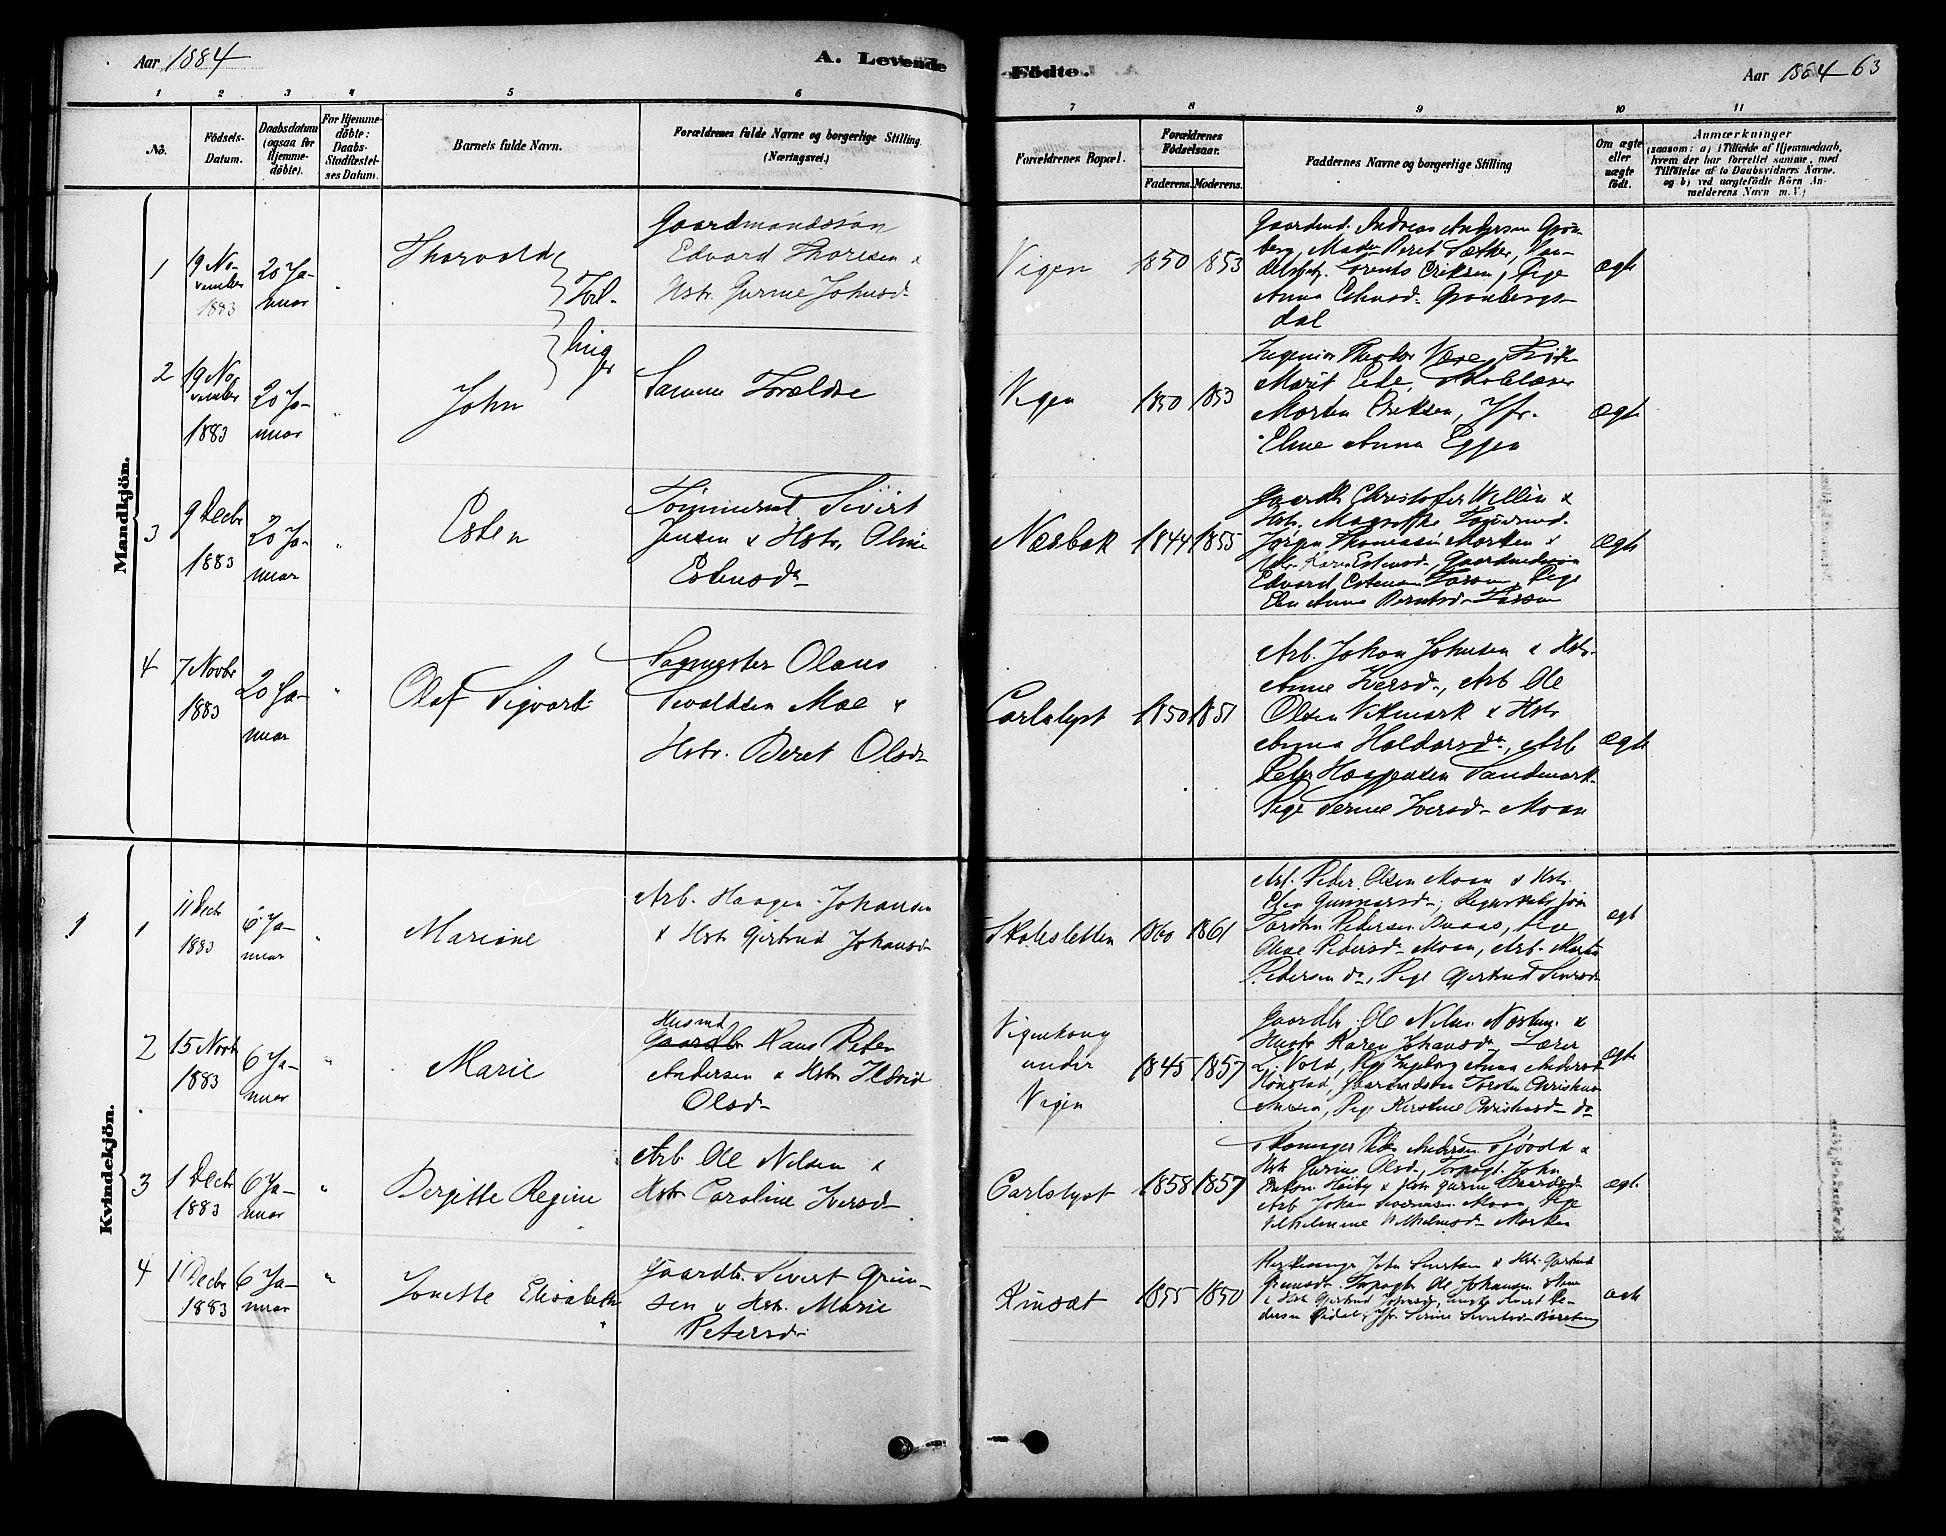 SAT, Ministerialprotokoller, klokkerbøker og fødselsregistre - Sør-Trøndelag, 616/L0410: Ministerialbok nr. 616A07, 1878-1893, s. 63